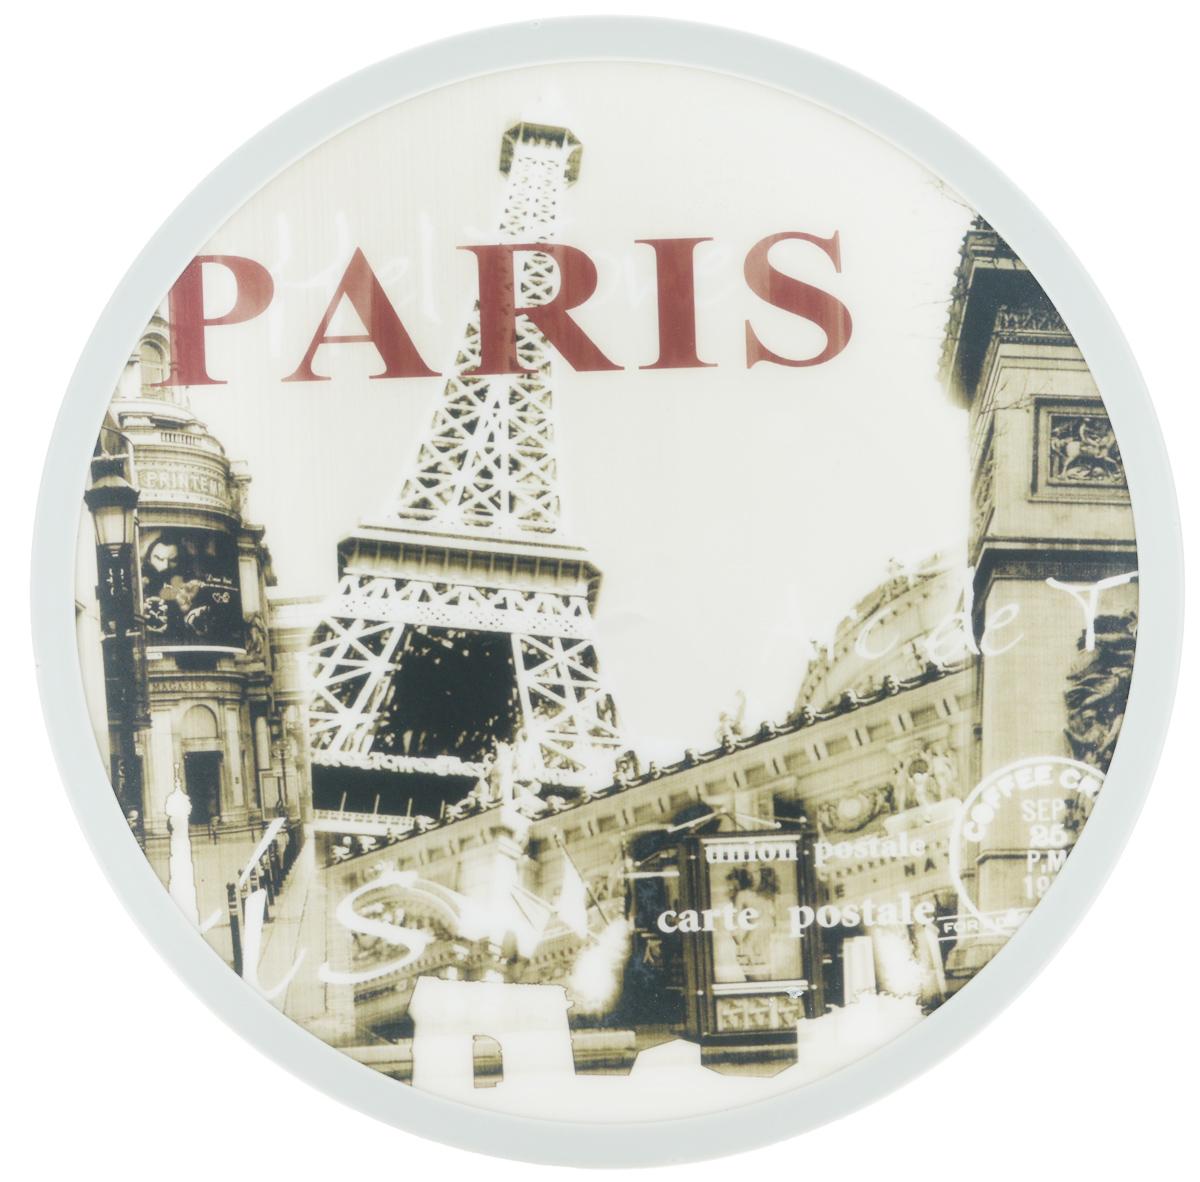 Доска разделочная Mayer & Boch Paris, вращающаяся, диаметр 30 см24775Вращающаяся разделочная доска Mayer & Boch Paris, выполненная из высококачественного пластика и дерева, станет незаменимым аксессуаром на вашей кухне. Доска декорирована красочными рисунками и надписями. Антибактериальное покрытие защищает от плесени, грибков и неприятных запахов.Изделие предназначено для измельчения продуктов. Доска вращается на 360°, что делает ее еще и отличным аксессуаром для сервировки пищи. Такая доска прекрасно впишется в интерьер любой кухни и прослужит вам долгие годы. Диаметр доски: 30 см. Диаметр основания: 18 см. Высота: 4 см.